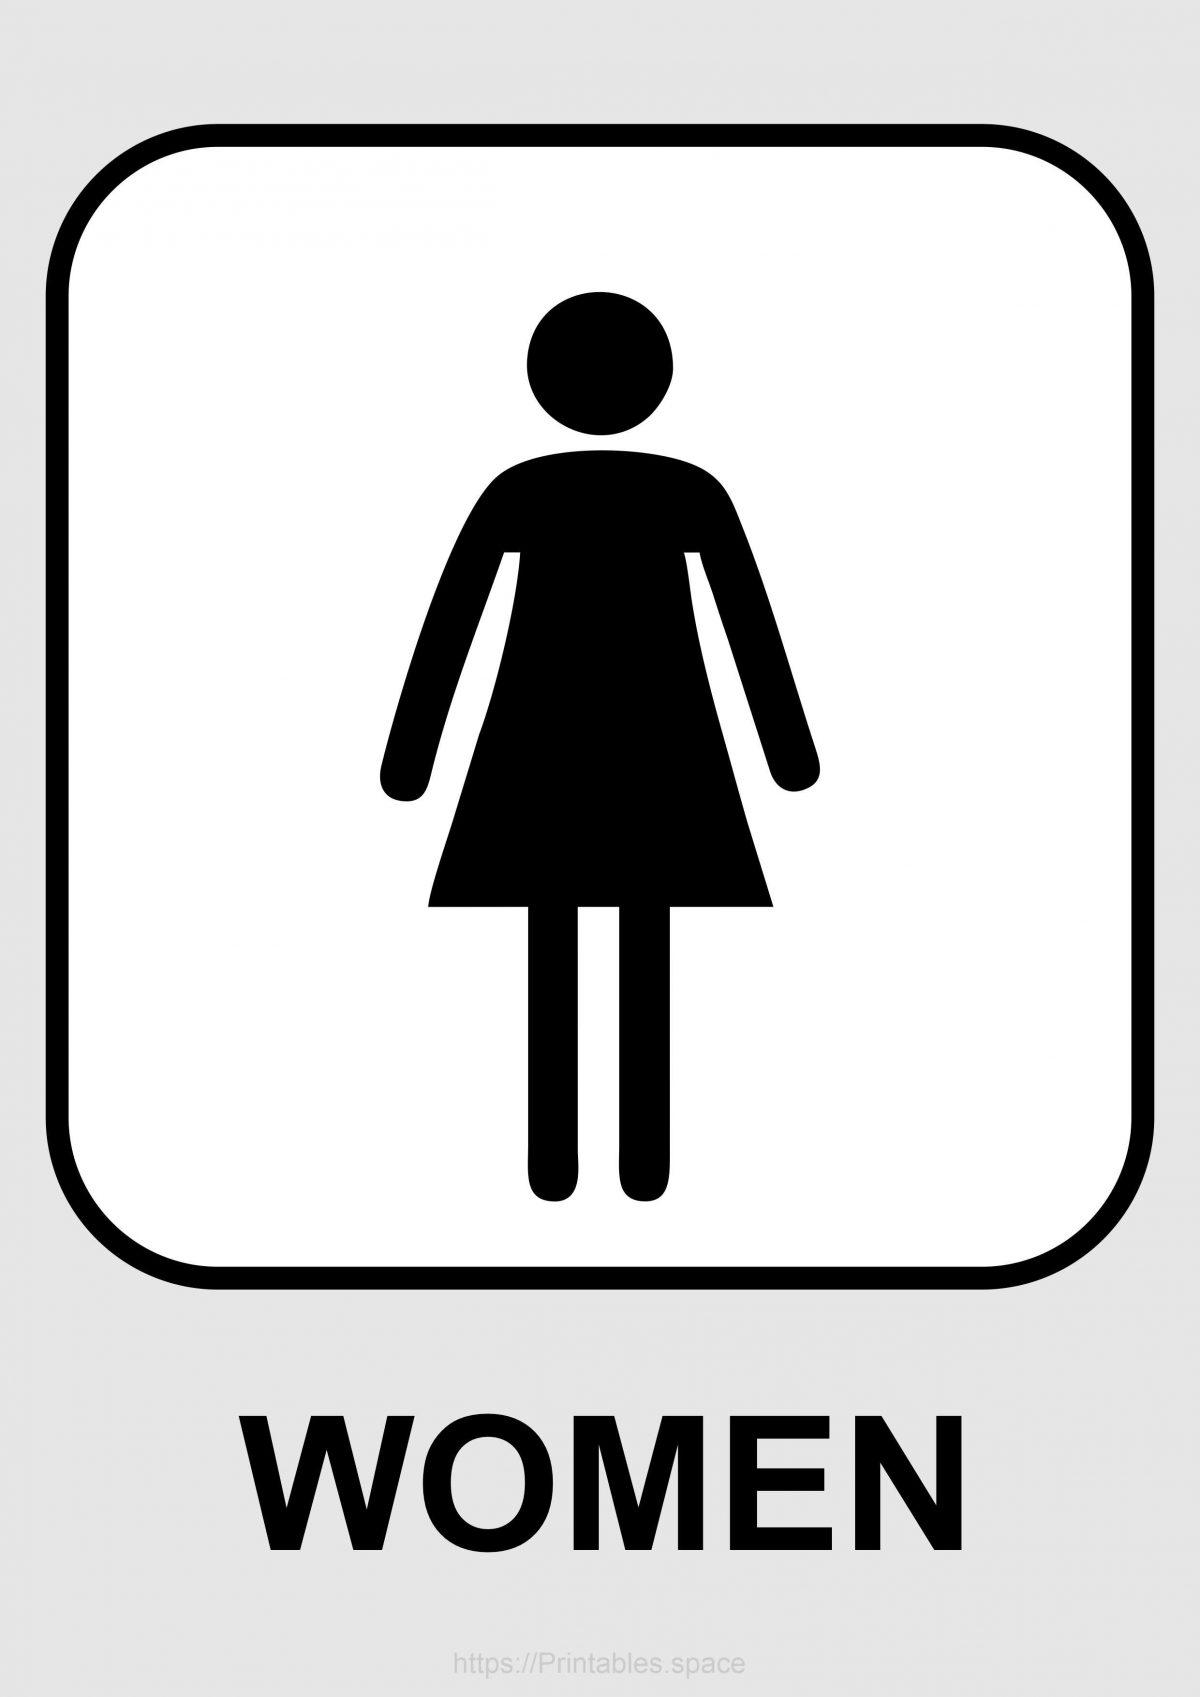 Women's Toilet Sign Printable